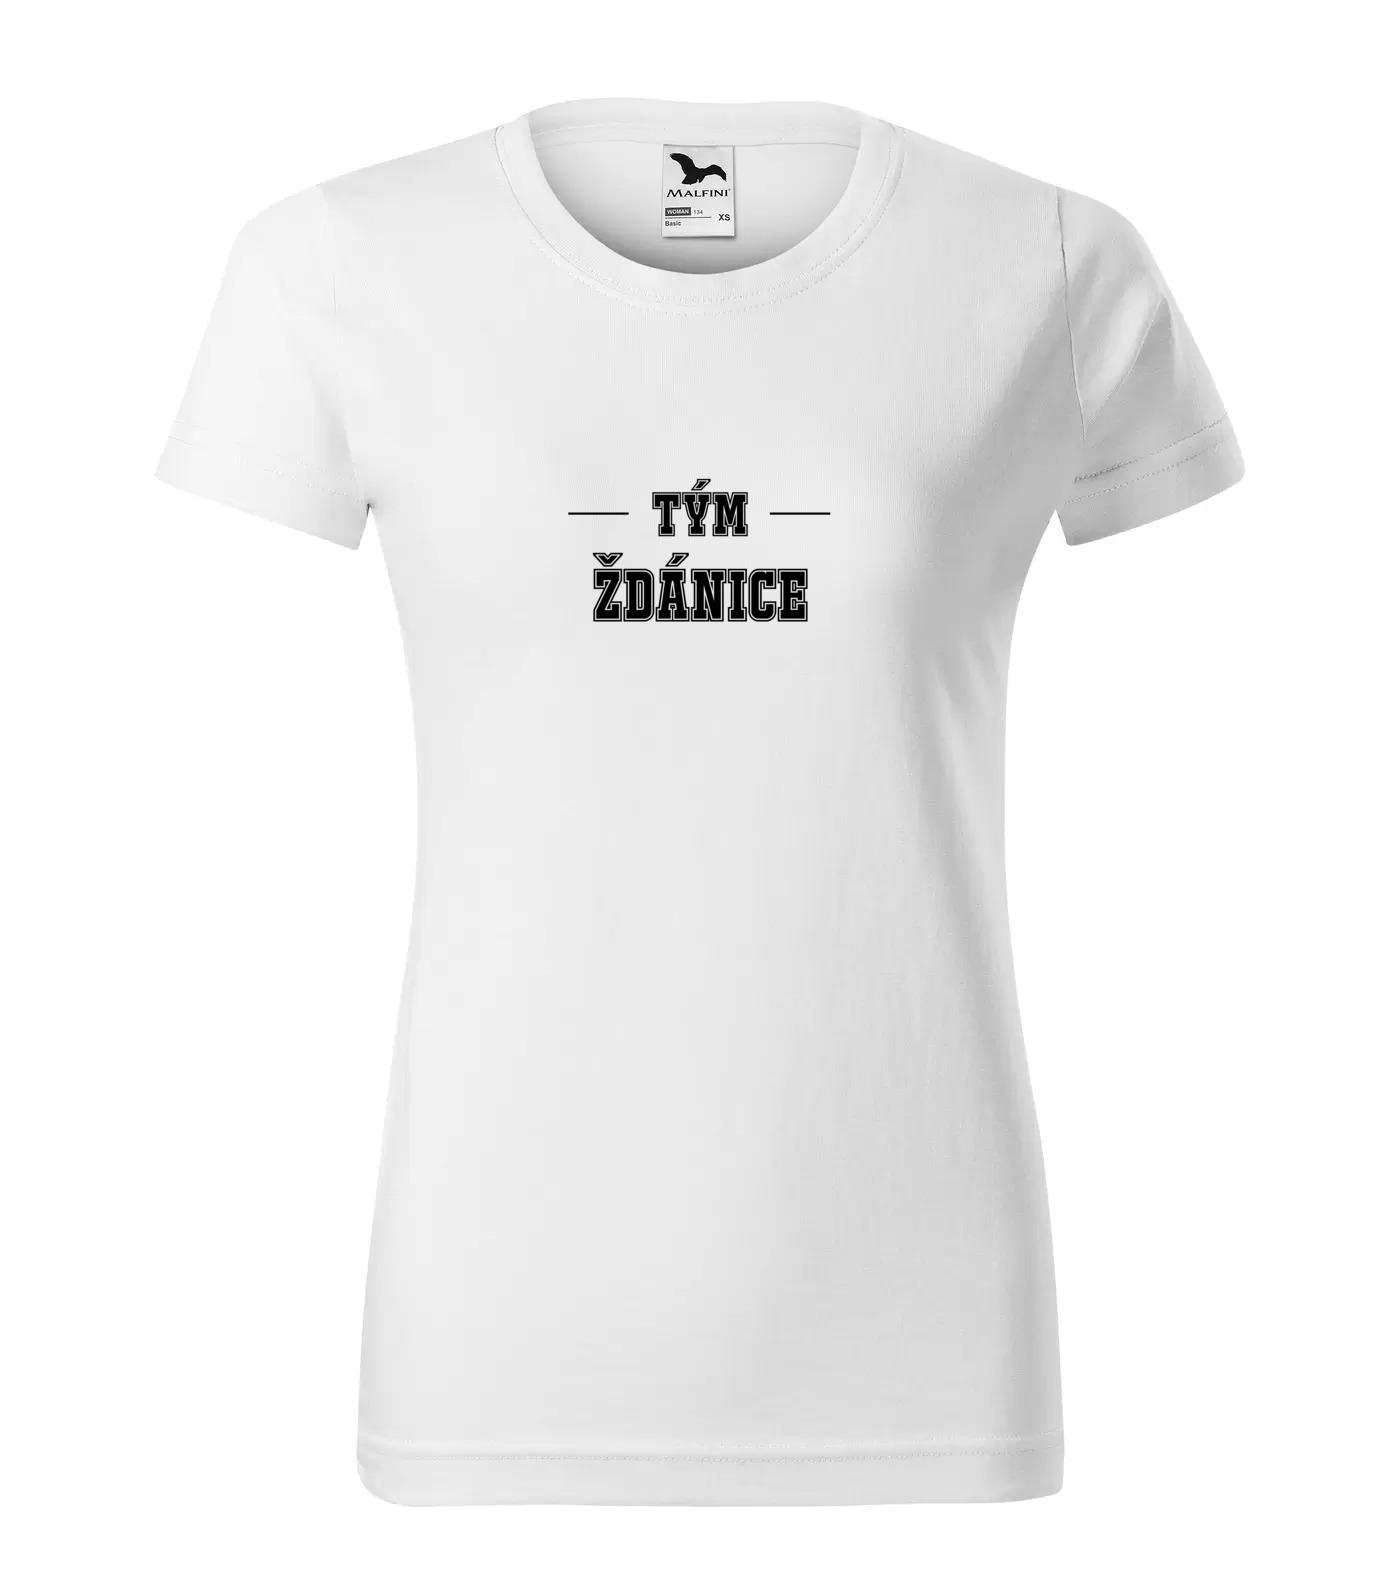 Tričko Tým Ždánice